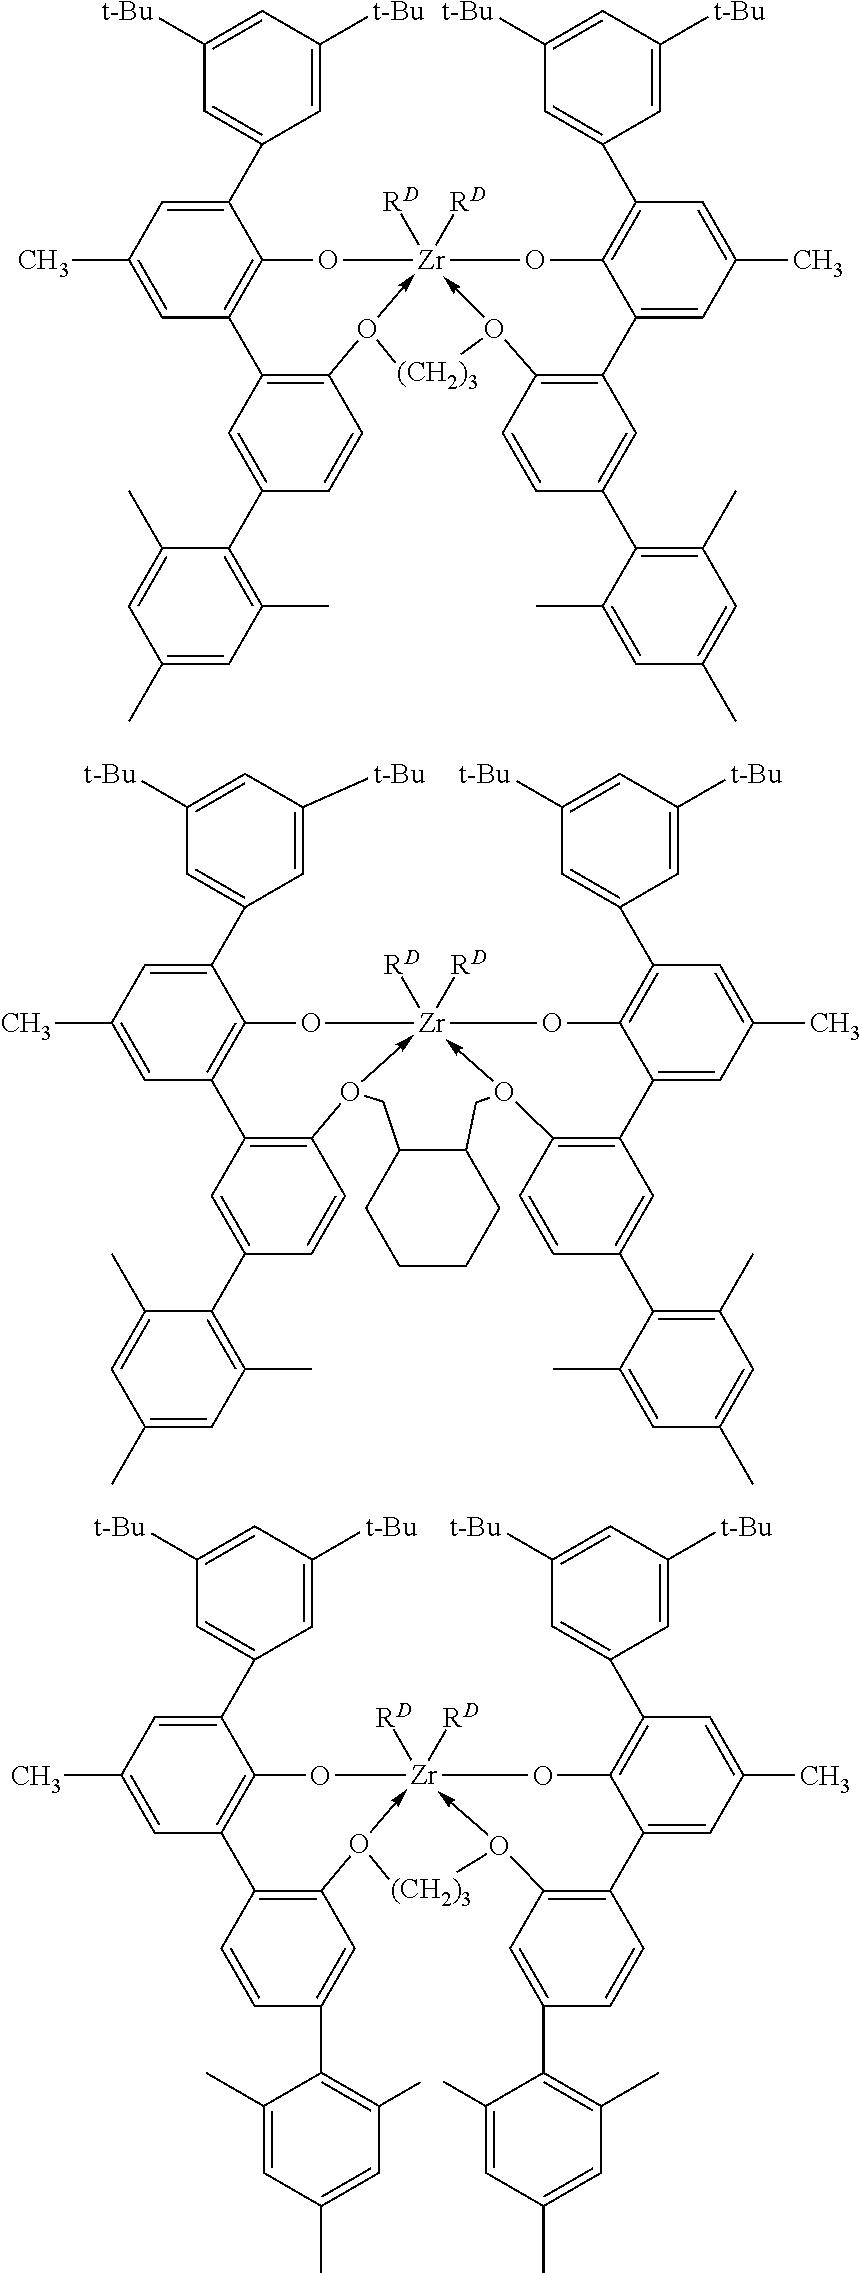 Figure US20120108770A1-20120503-C00020